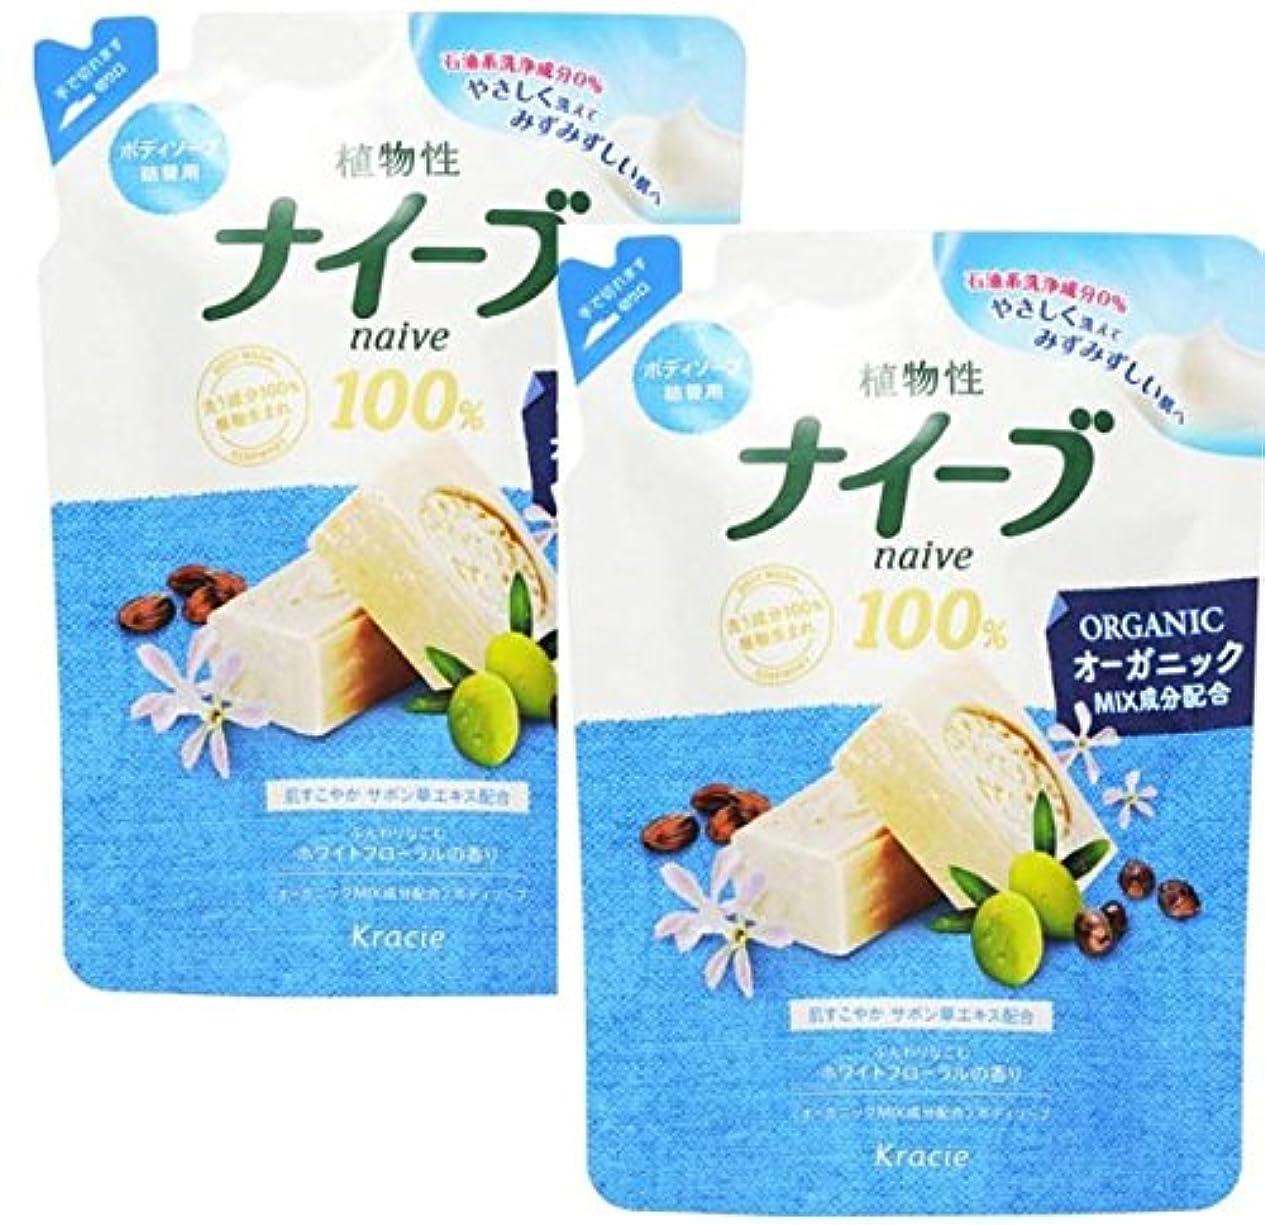 鉄爆風ペットナイーブ ボディソープ サボン草エキス配合 詰替用 400ml / ホワイトフローラルの香り 【2点セット】